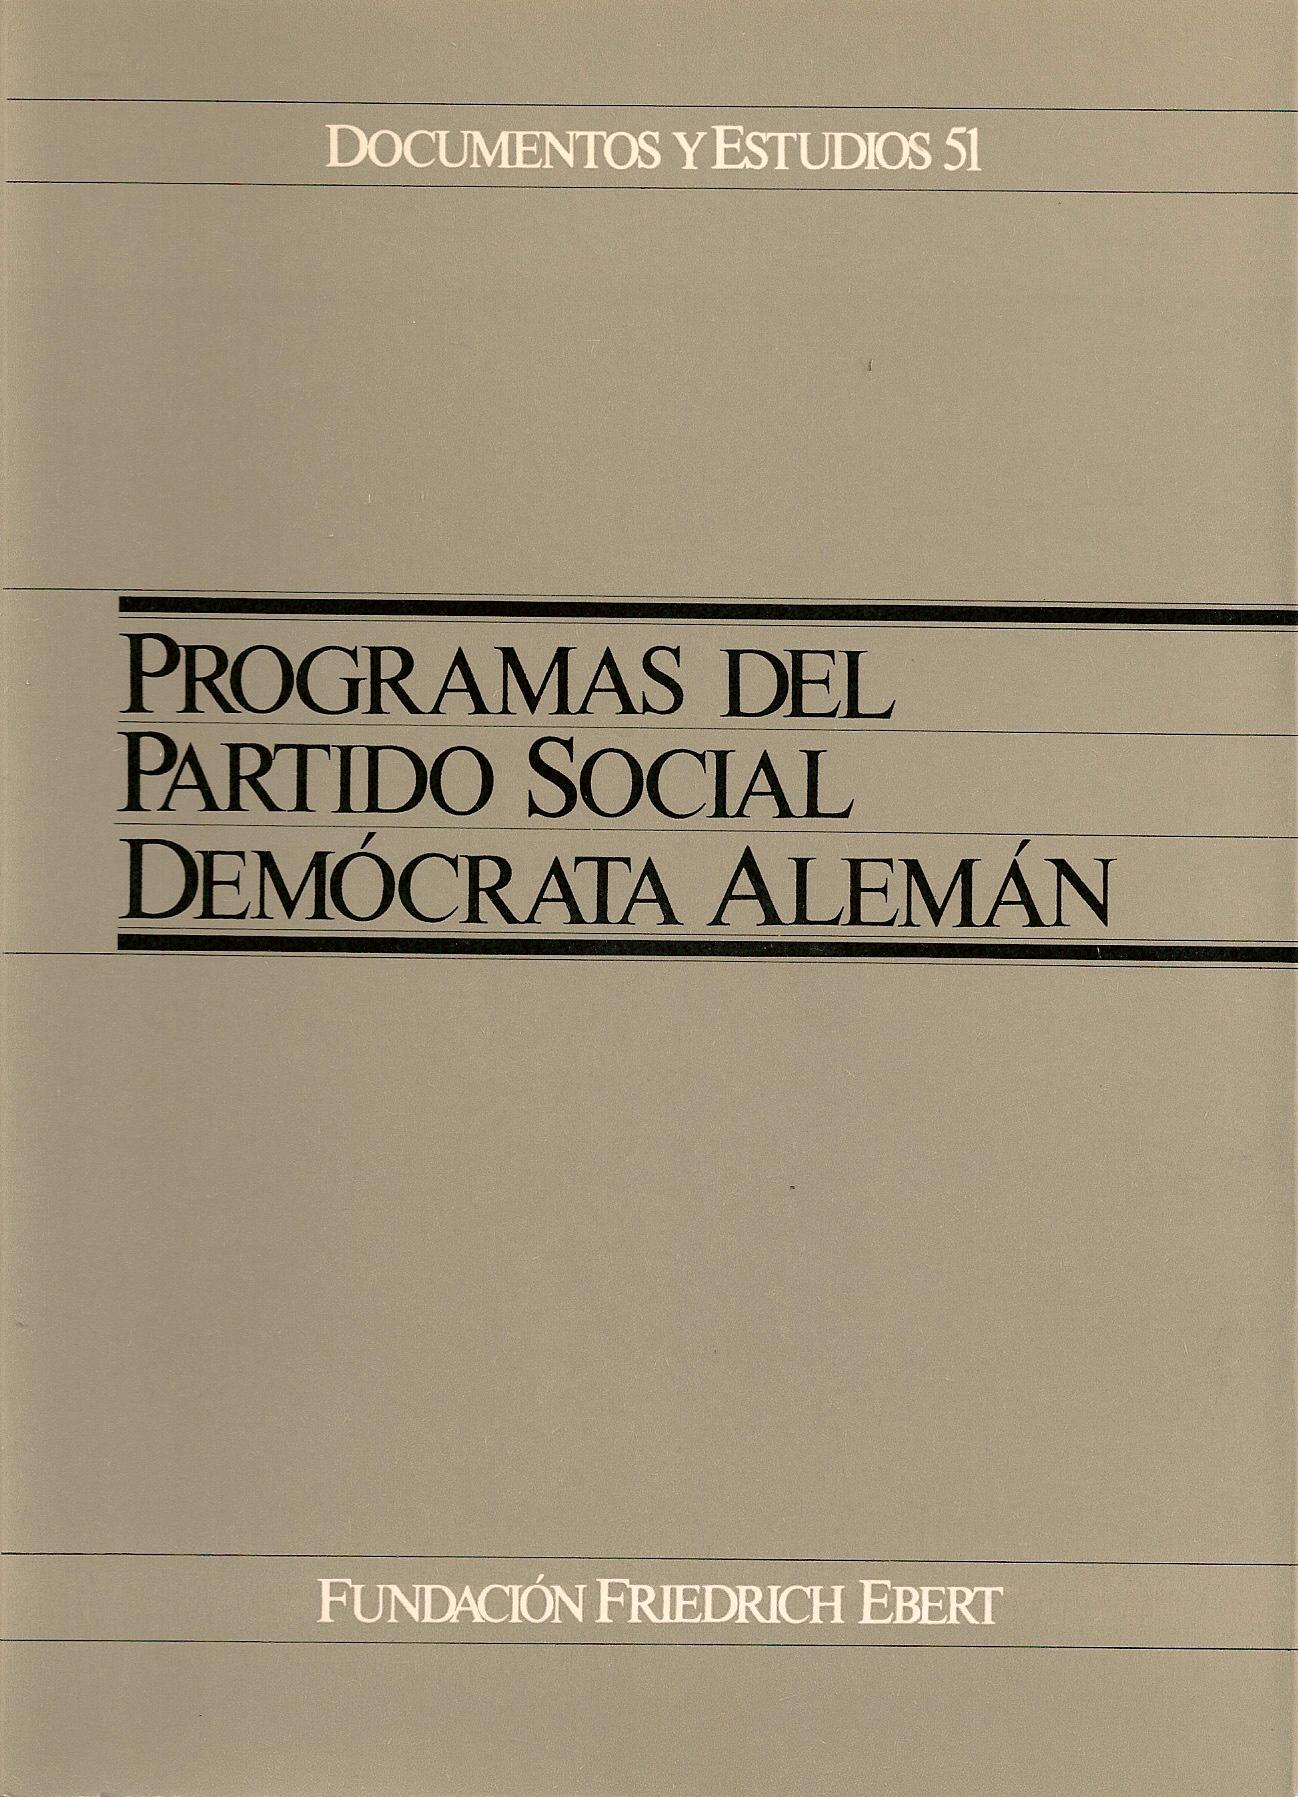 Programas del Partido Social Demócrata Alemán